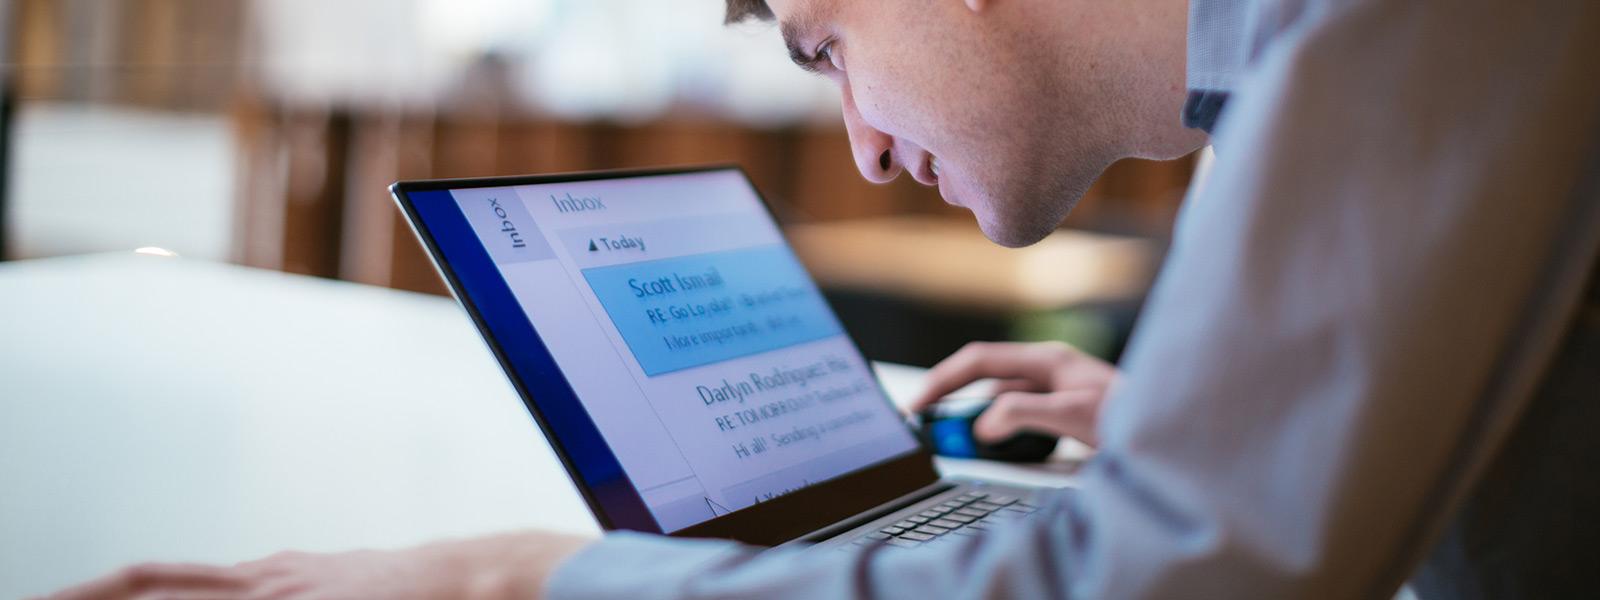 En man arbetar på sin Windows 10-dator med lättläst stor text på skärmen